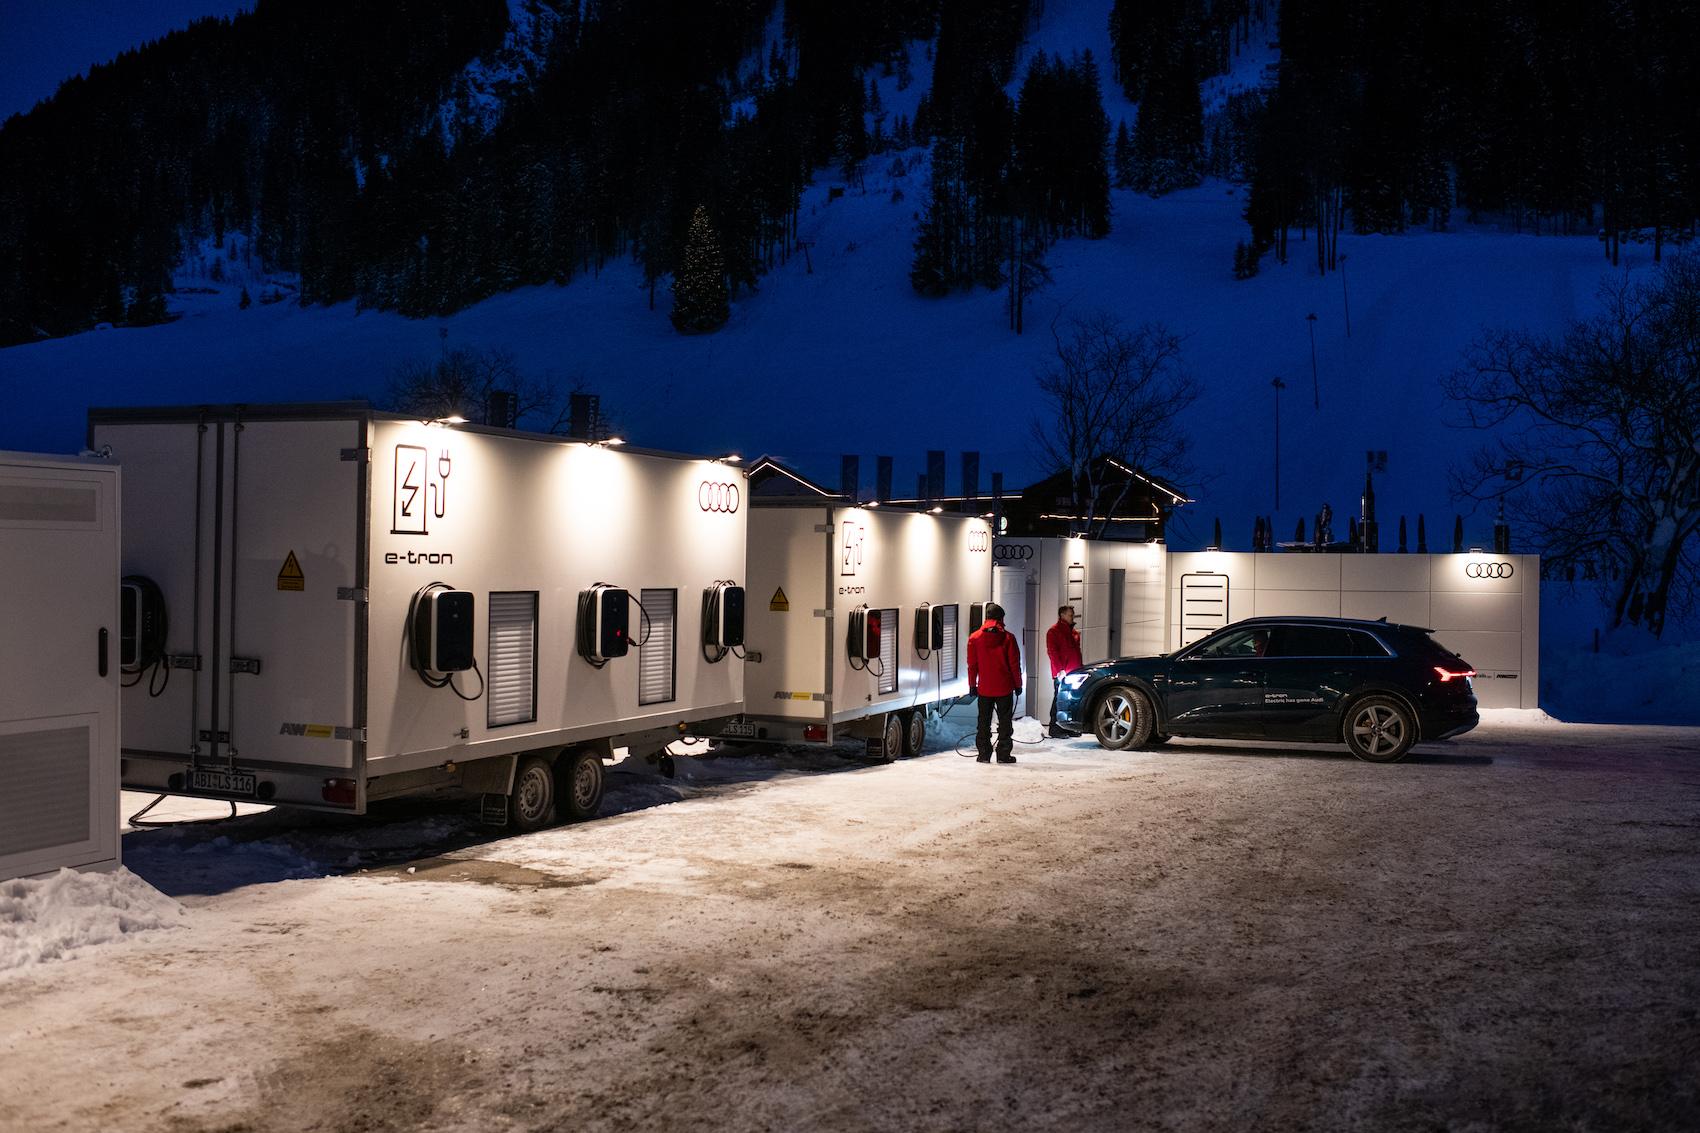 An der Lade-Basis an der Talstation der Davoser Jakobshornbahn tanken die Audis Strom nach. (Foto: Adrian Bretscher)